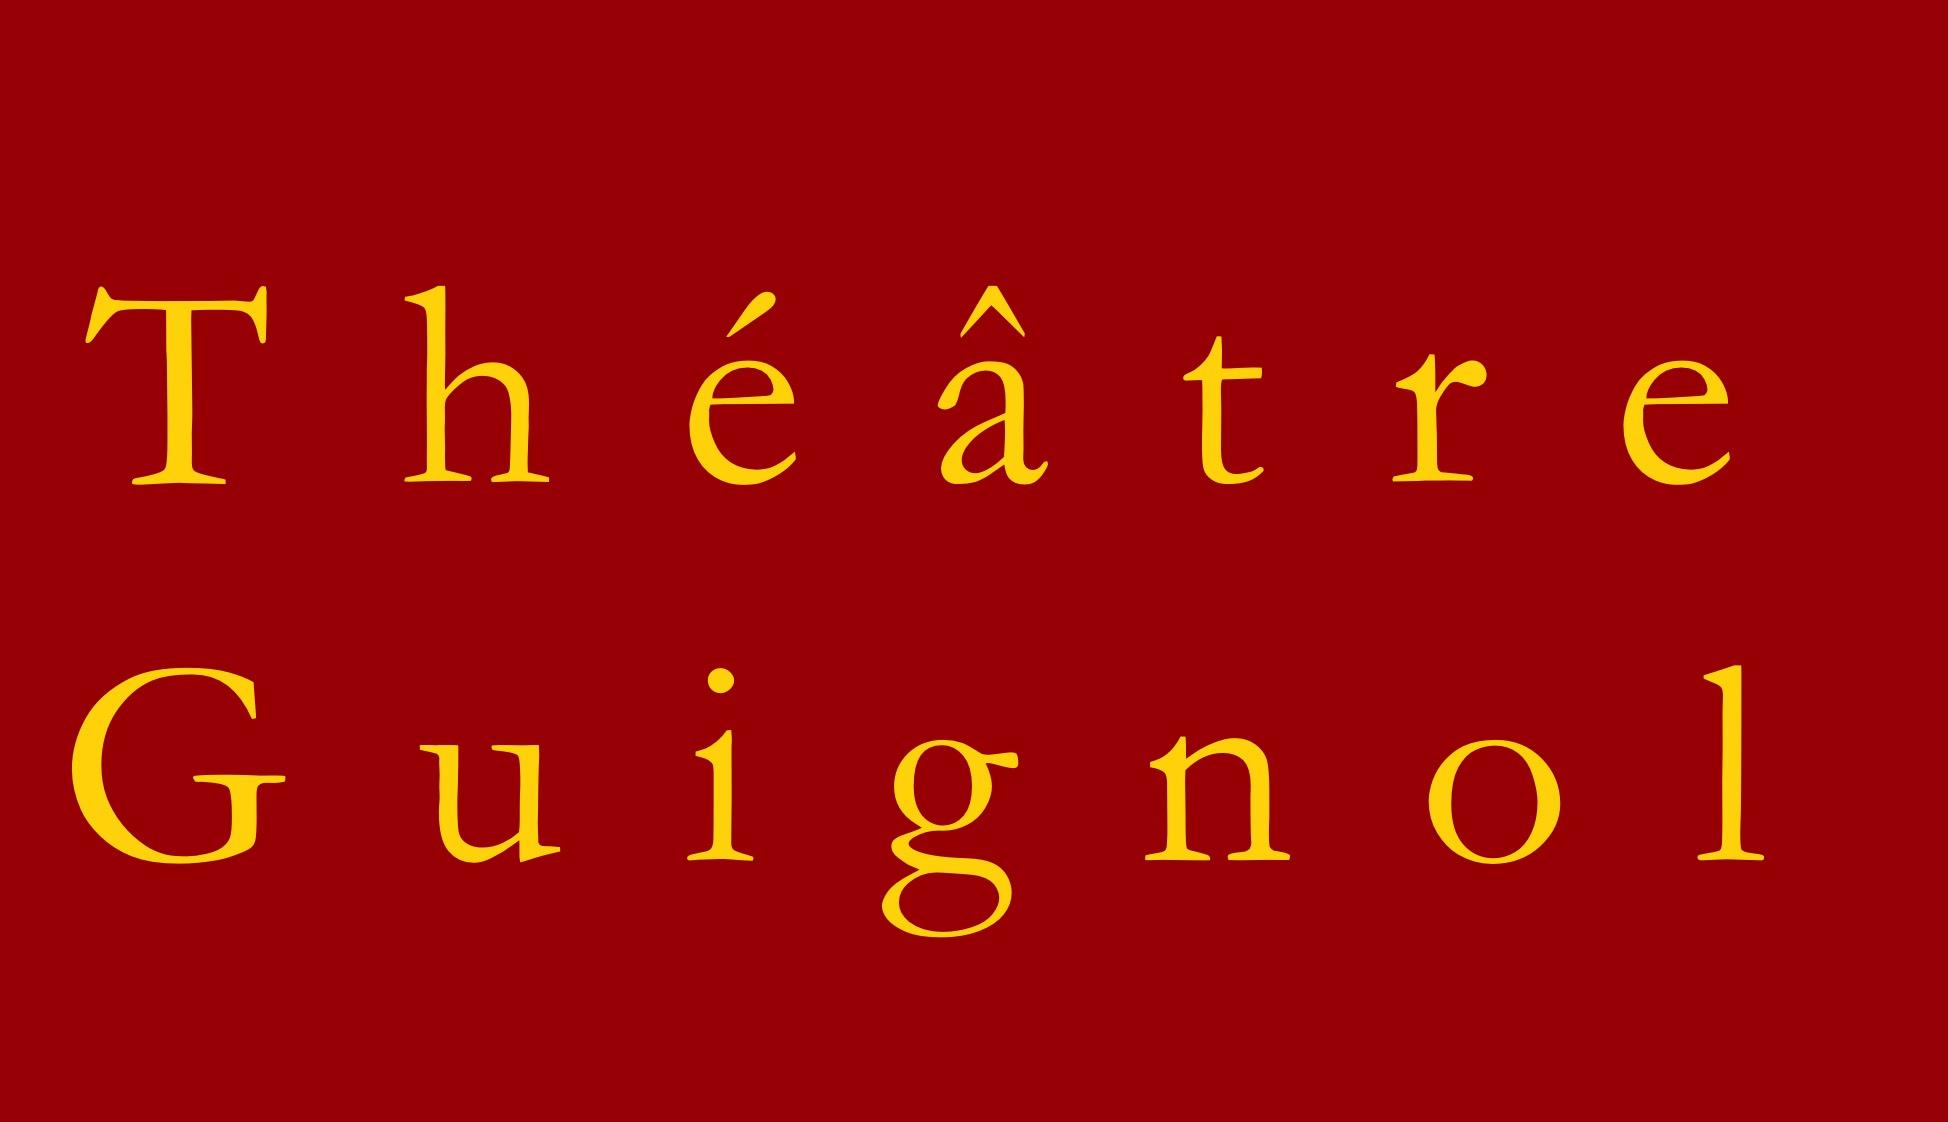 Théâtre Guignol jpg